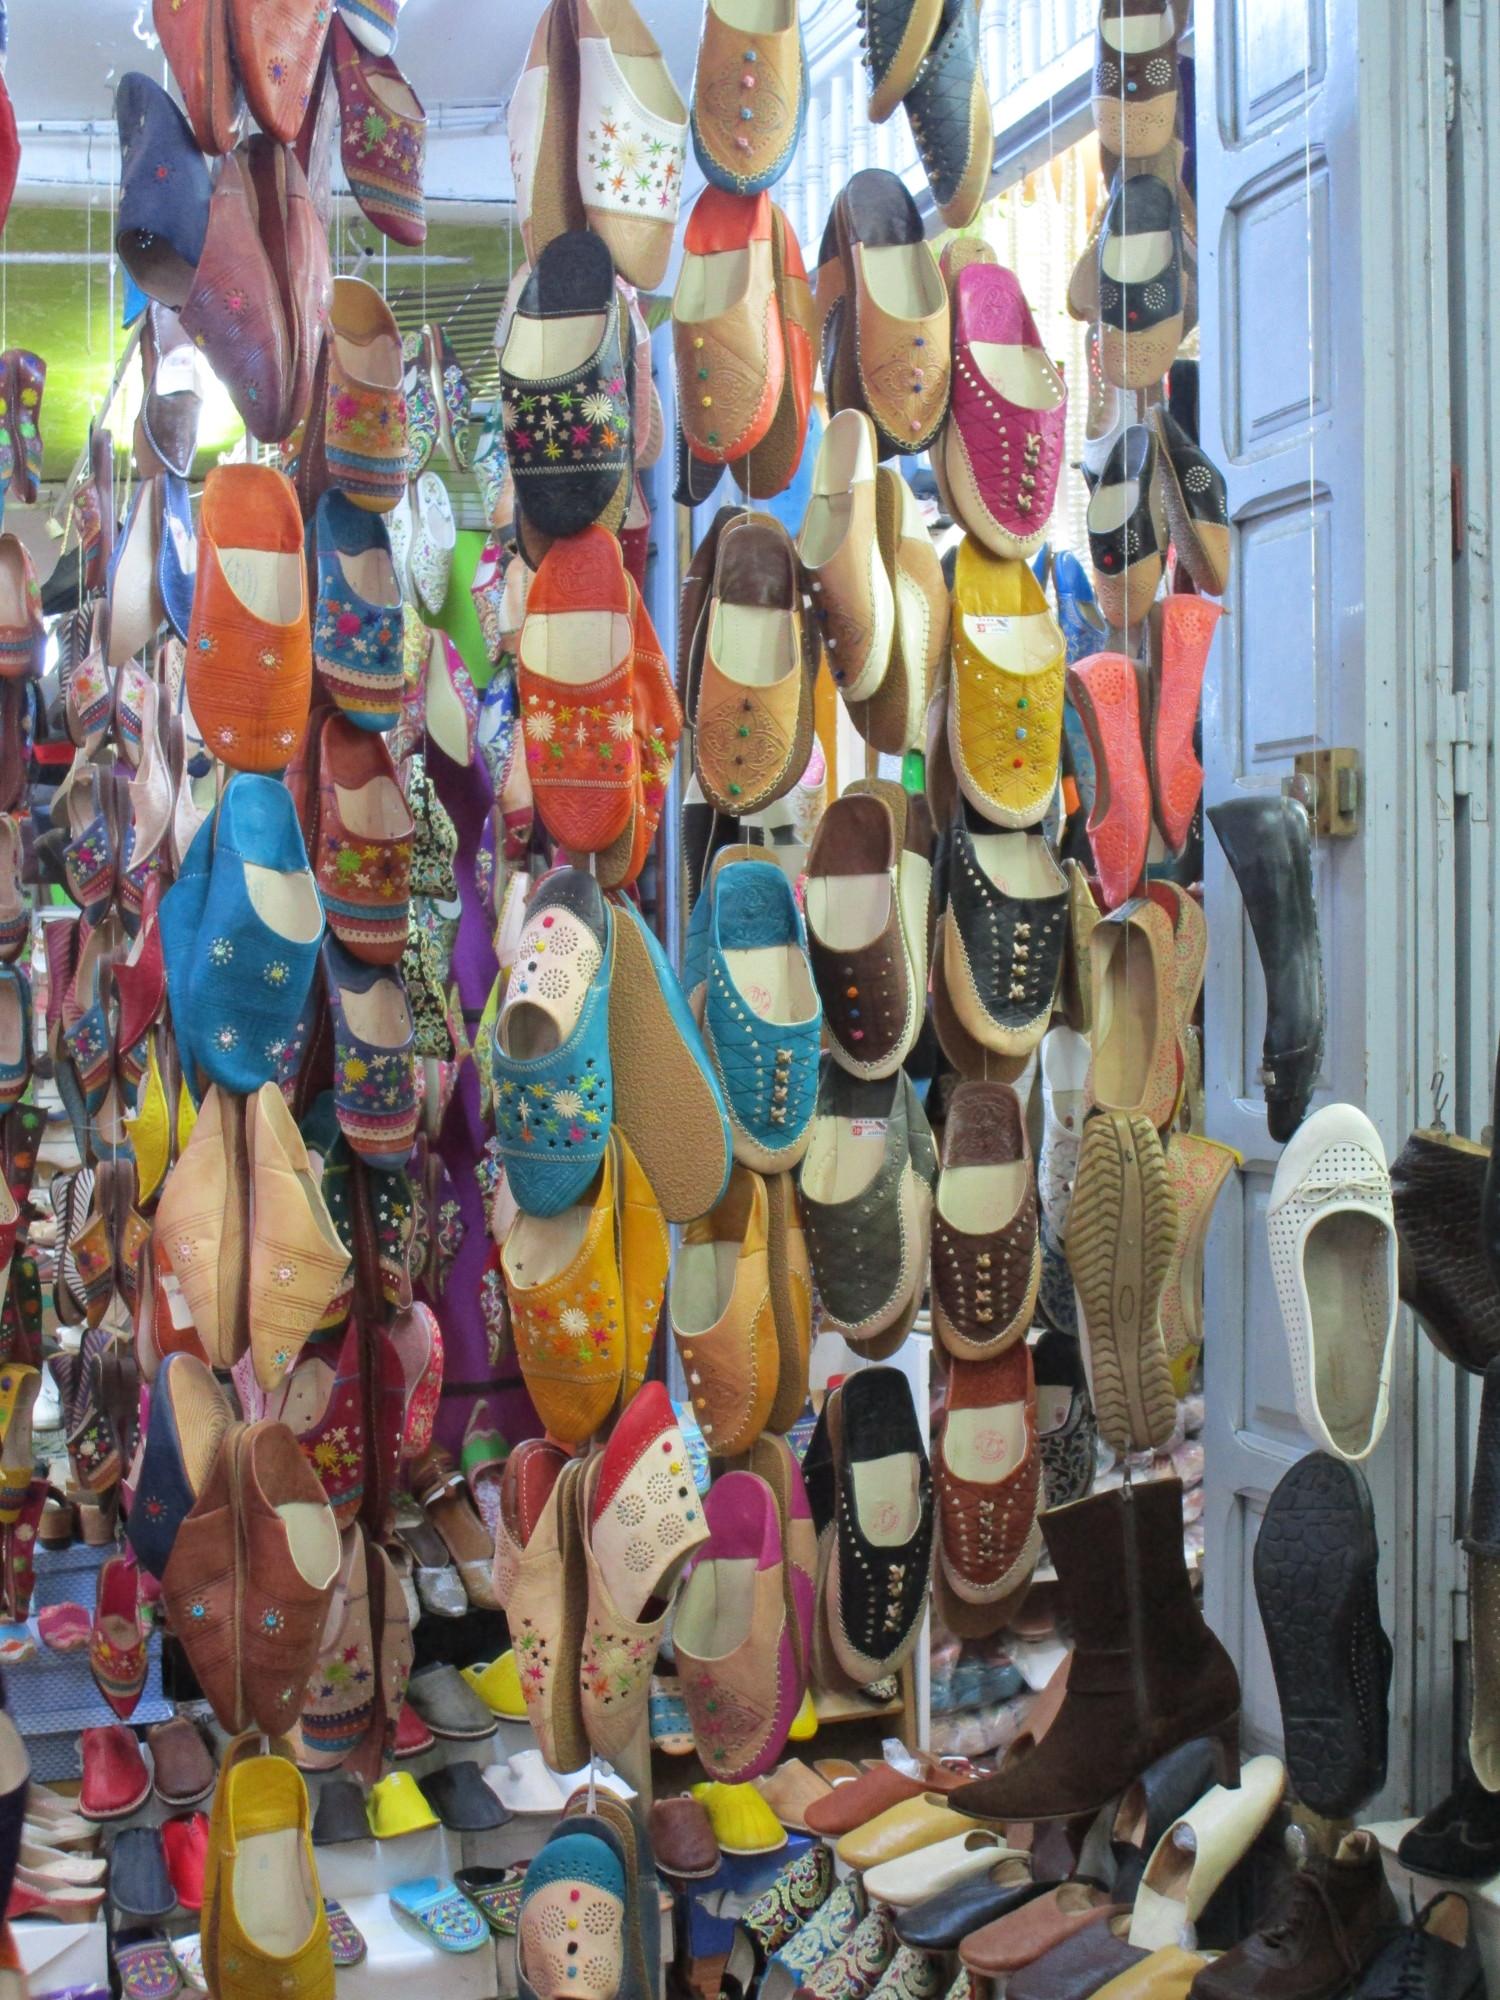 Så många skor